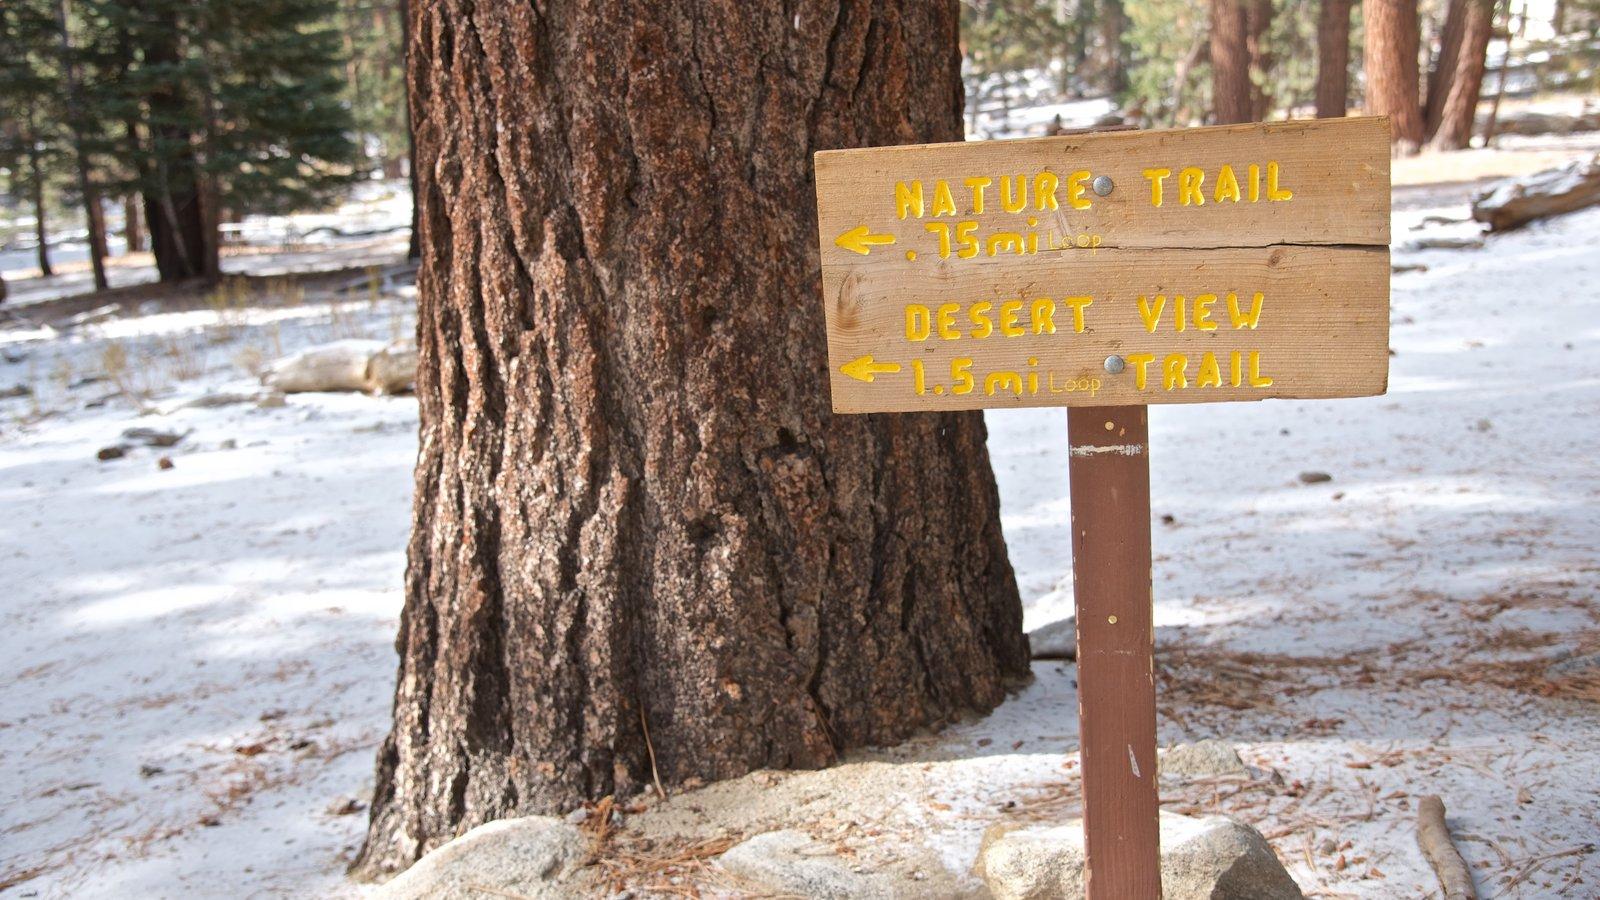 Parque estatal Mount San Jacinto ofreciendo escenas forestales, señalización y nieve